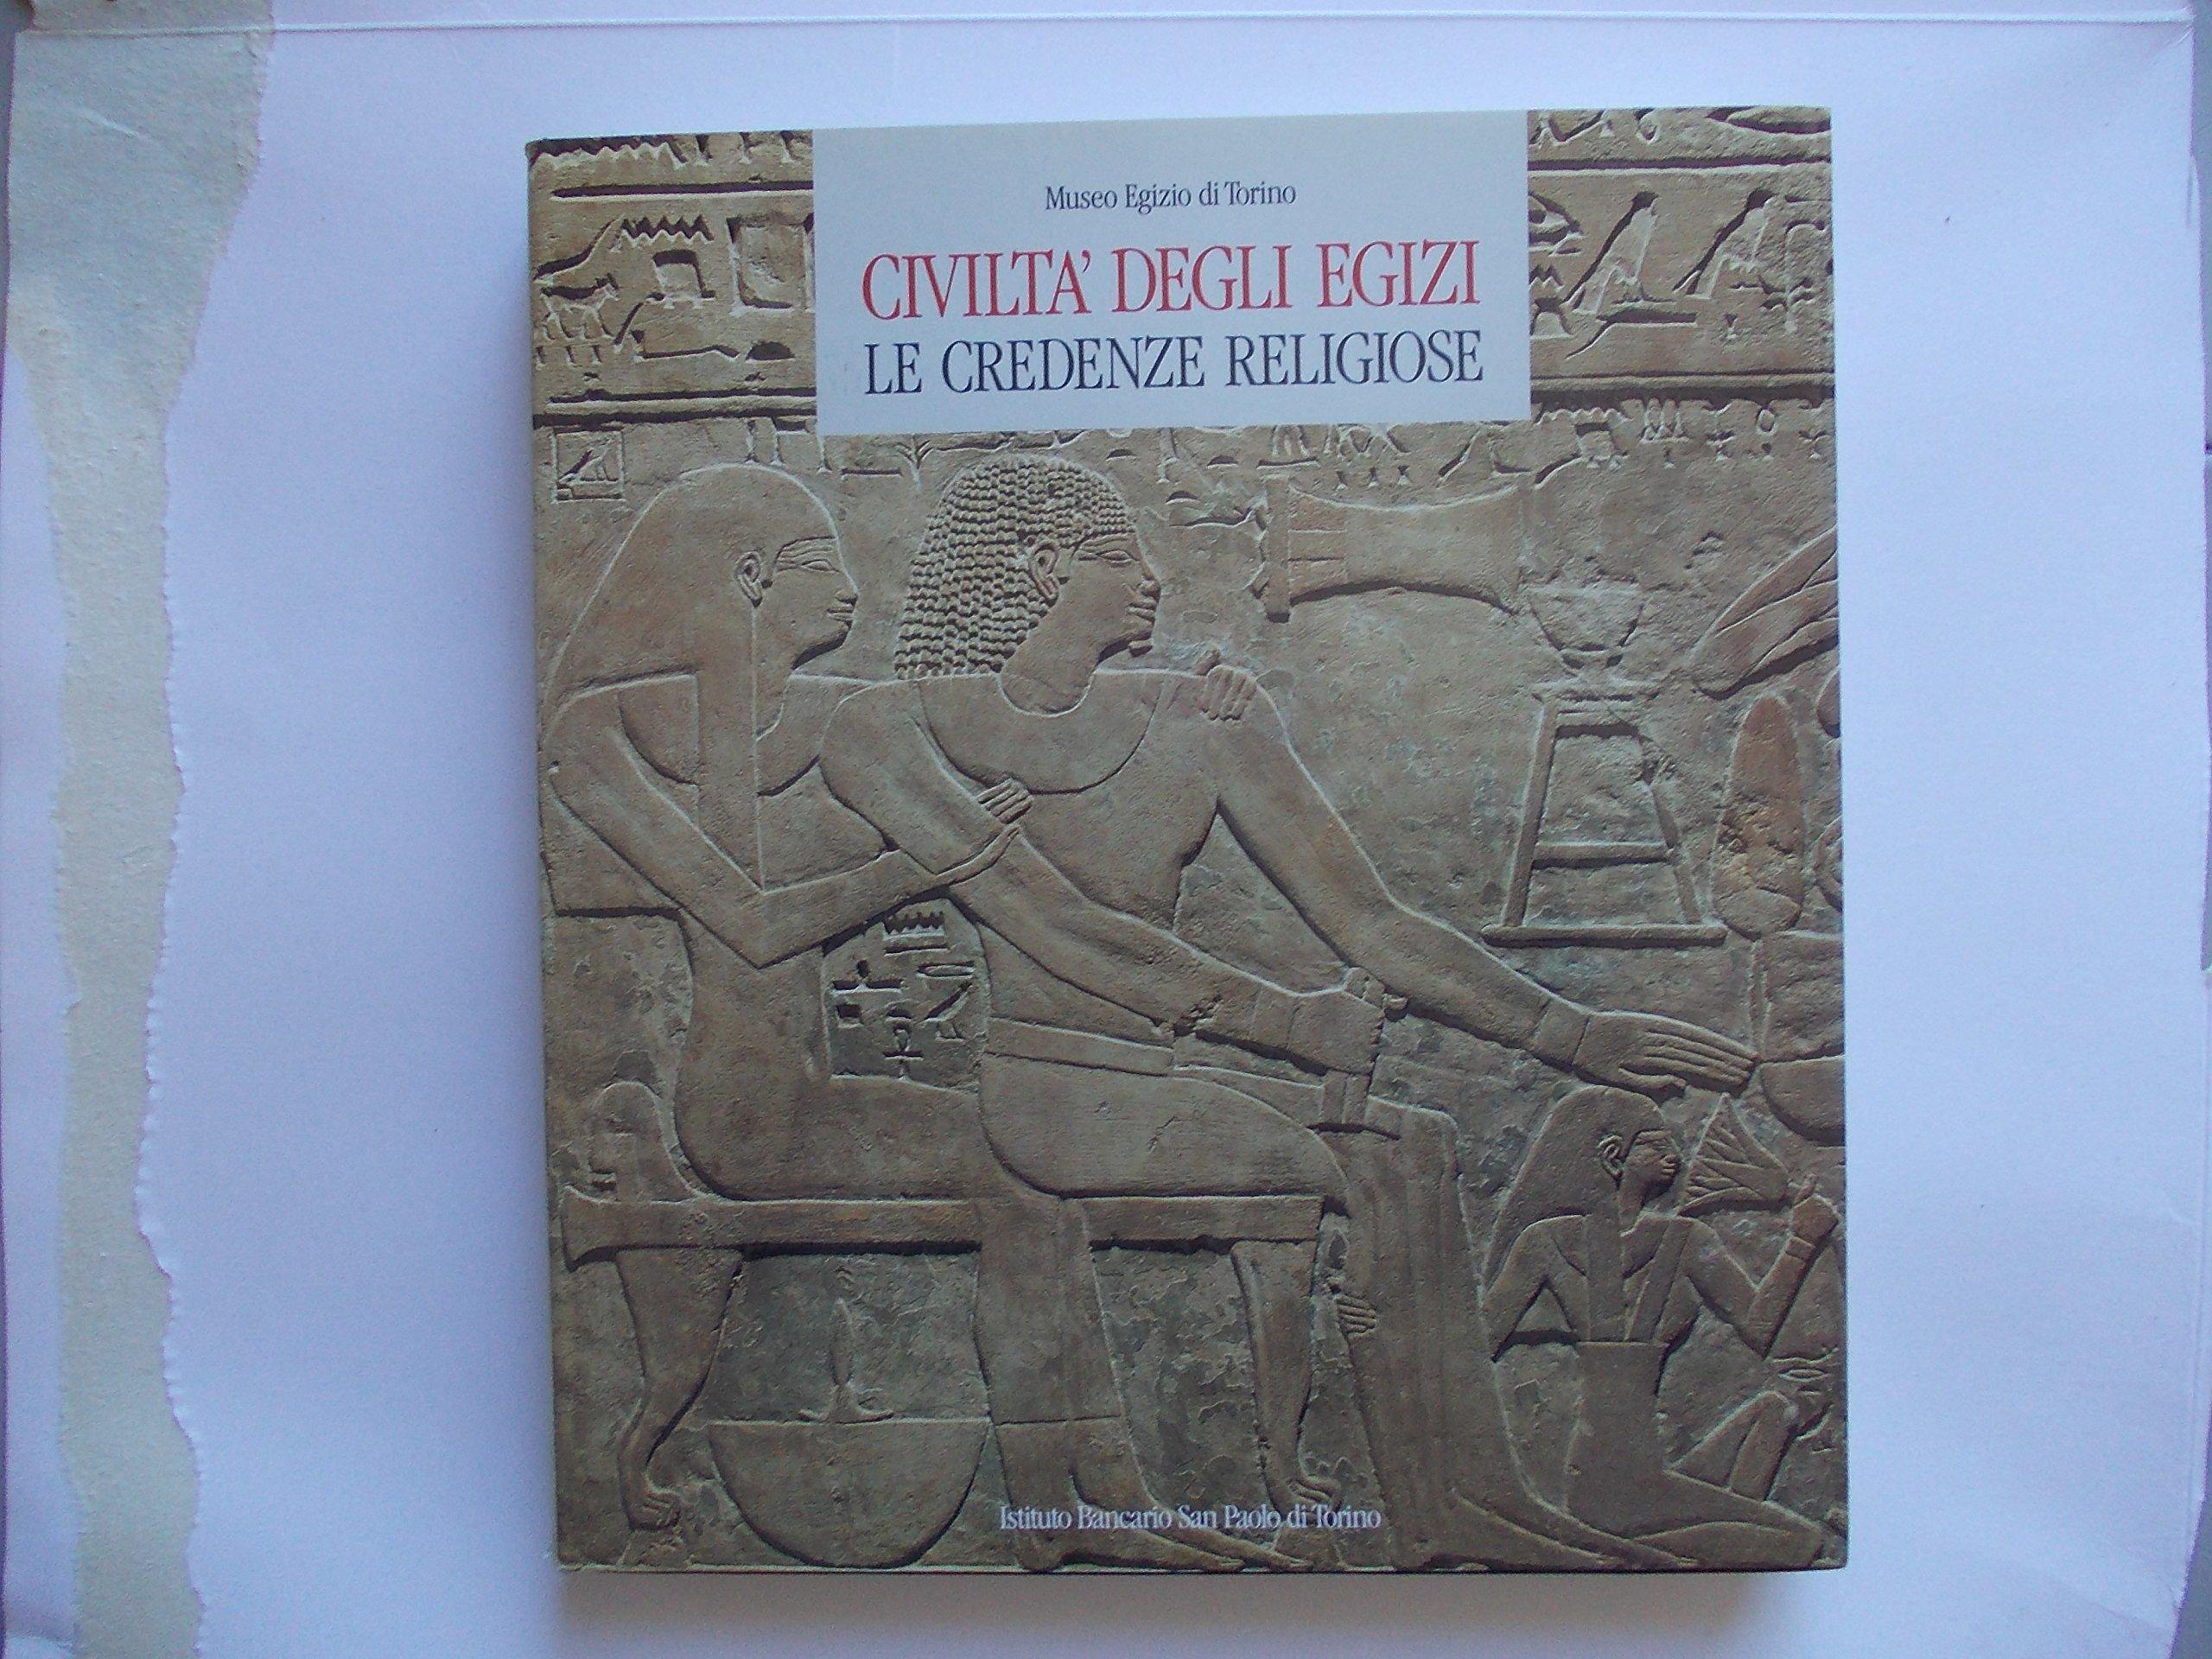 La Credenza Religiosa : Amazon.it: civiltà degli egizi. le credenze religiose museo egizio